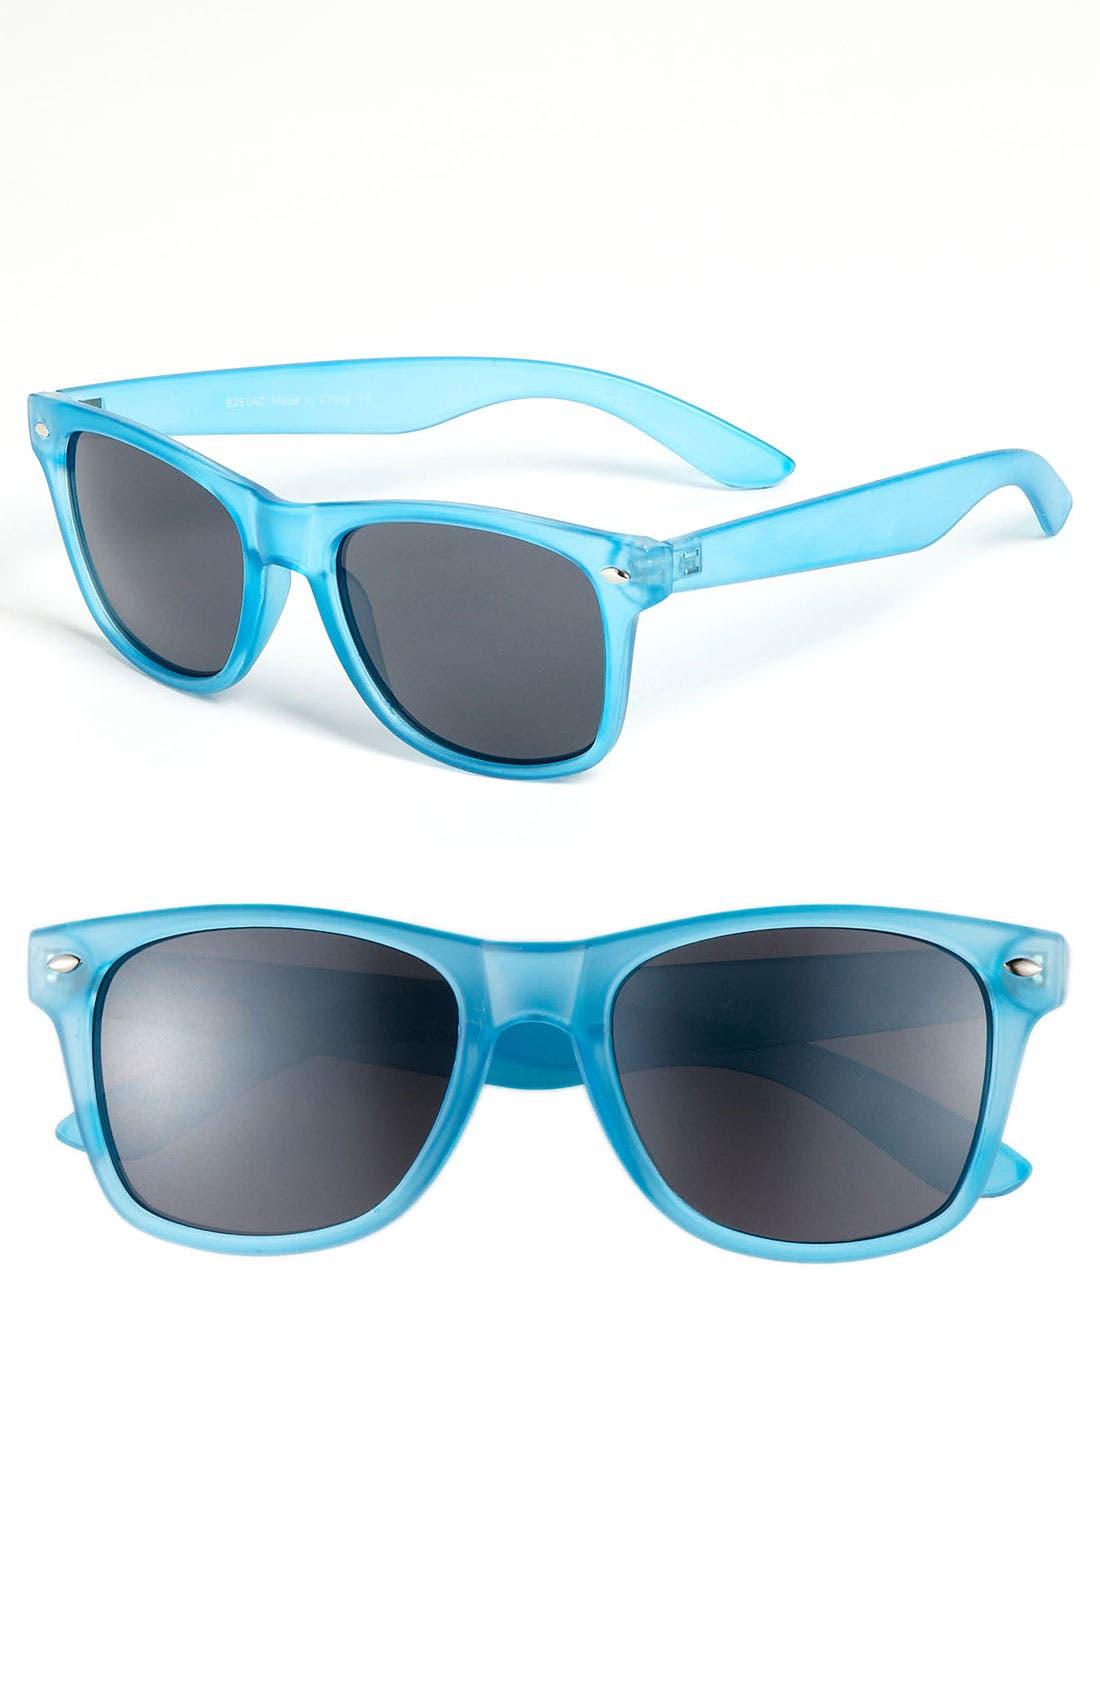 Main Image - KW 'Jazzed' Sunglasses